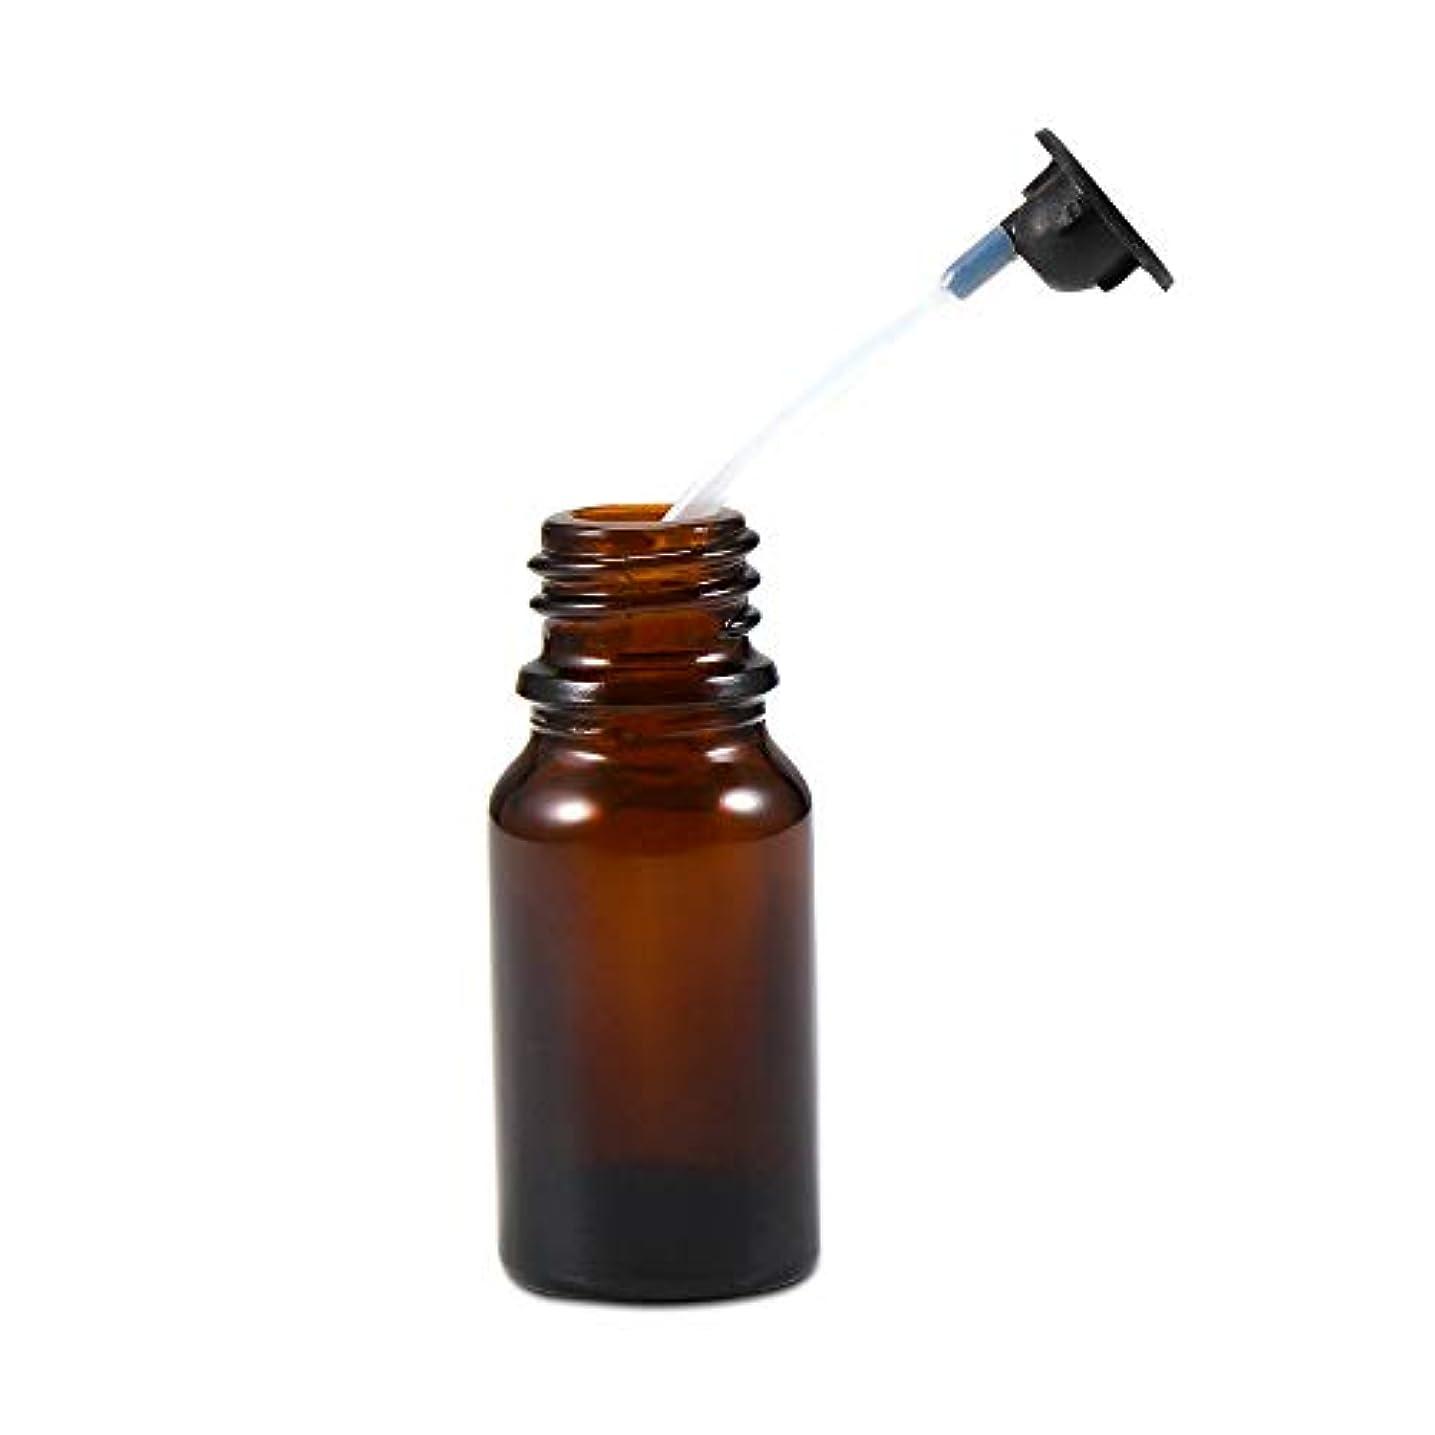 ビル量空Caseceo エッセンシャルオイル ボトルとノズル 交換用 アクセサリー 数量1